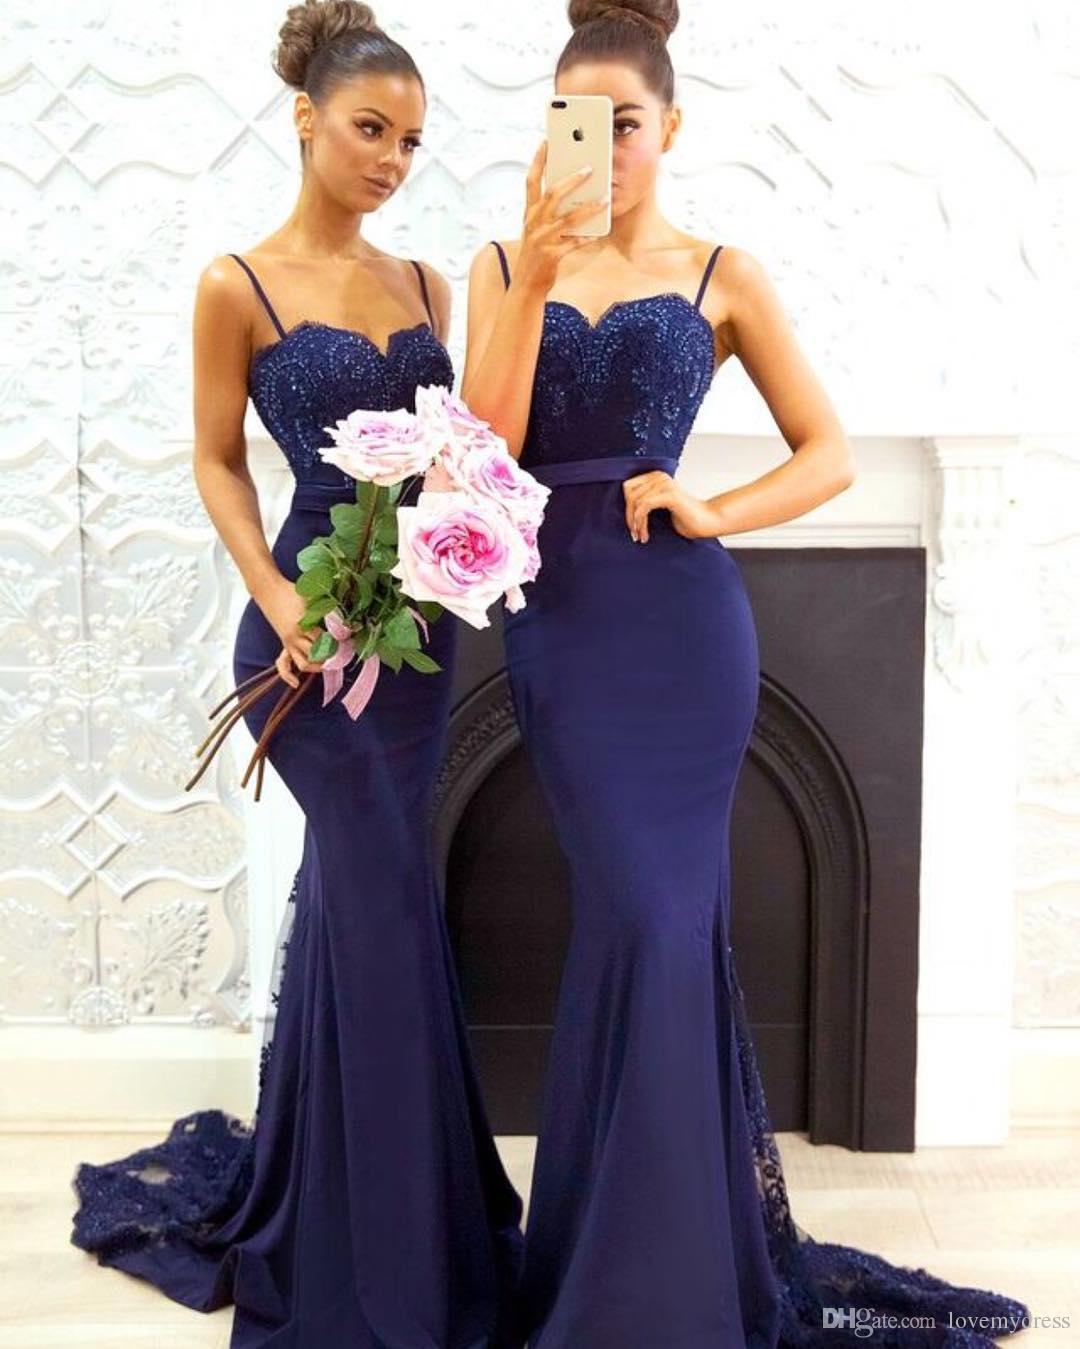 Navy Blue Cheap Mermaid Bridesmaid Dresses 2021 med Spaghetti Straps Lace Sweep Train Beaded Applique Formell Kväll Bröllop Gästklänning